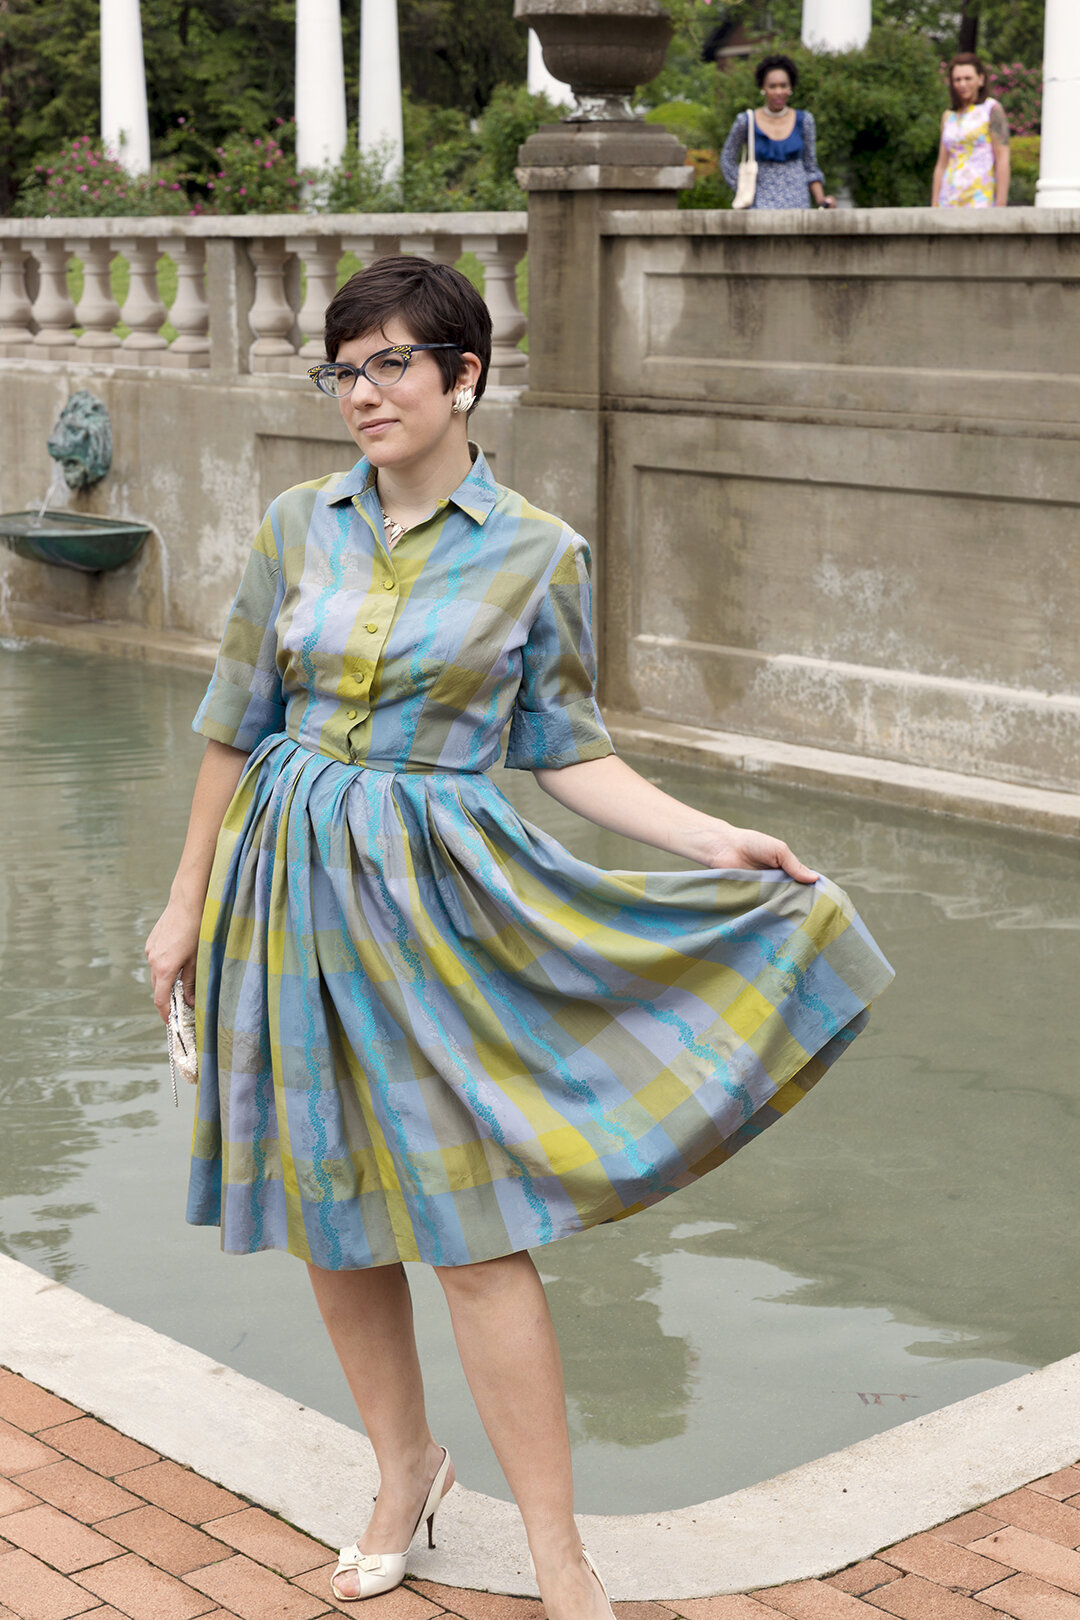 H_plaid_dress.jpg